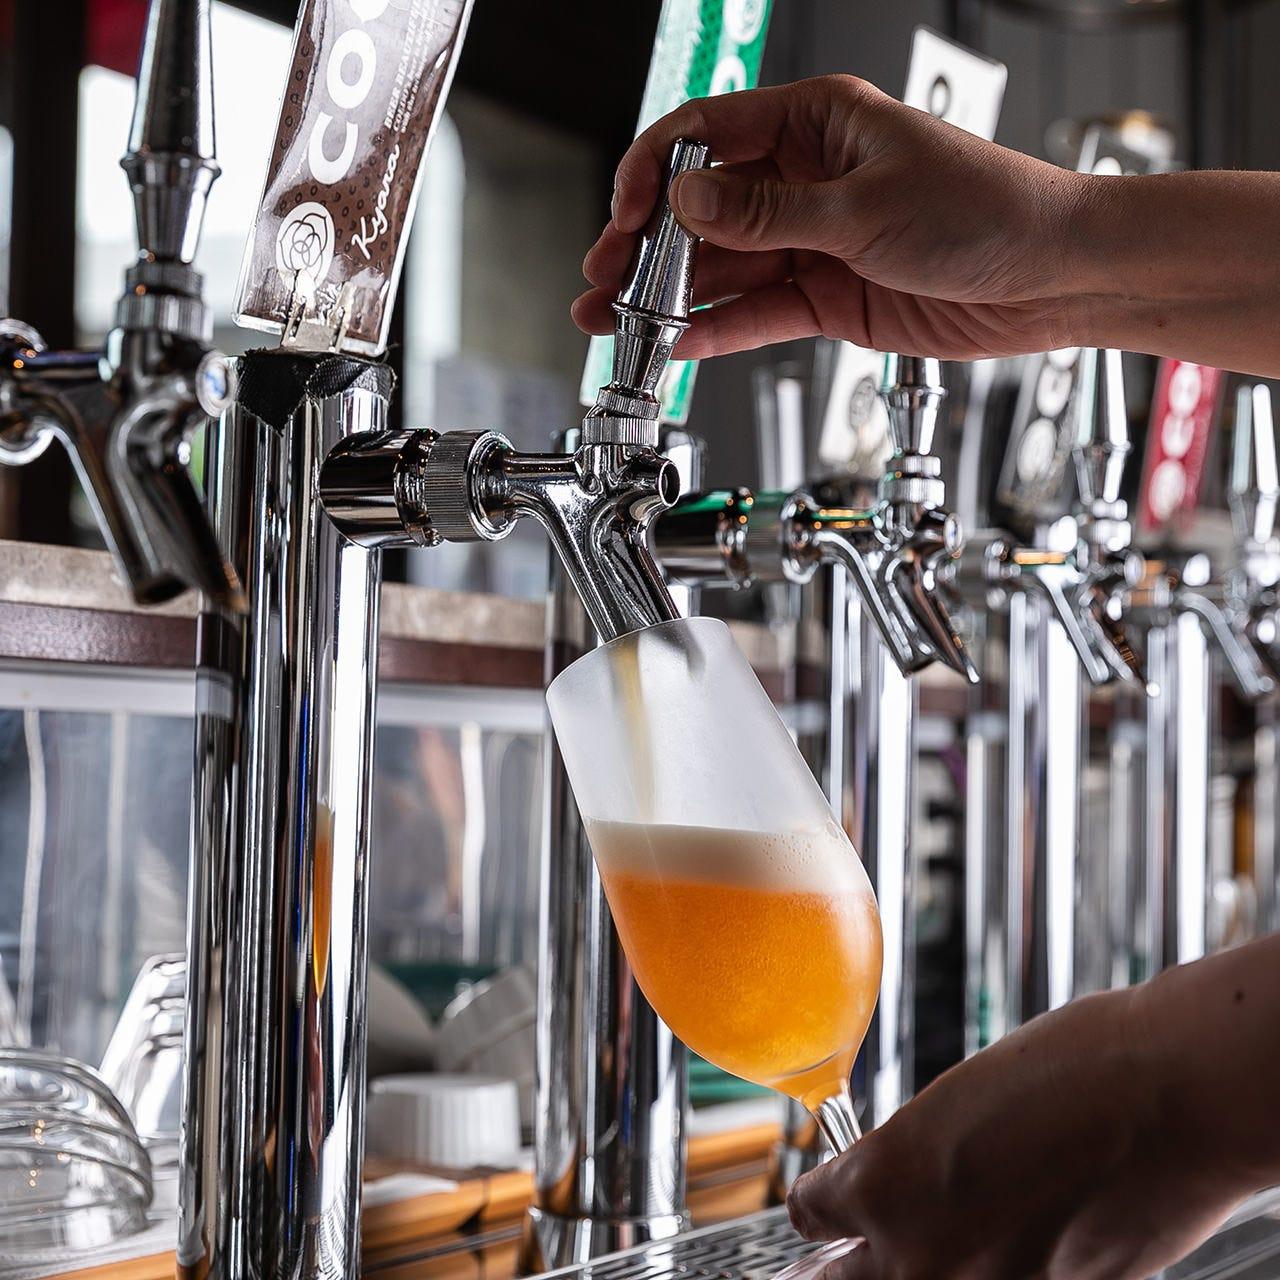 COEDOビールレギュラー6種を近辺では珍しい《樽生》でご提供!